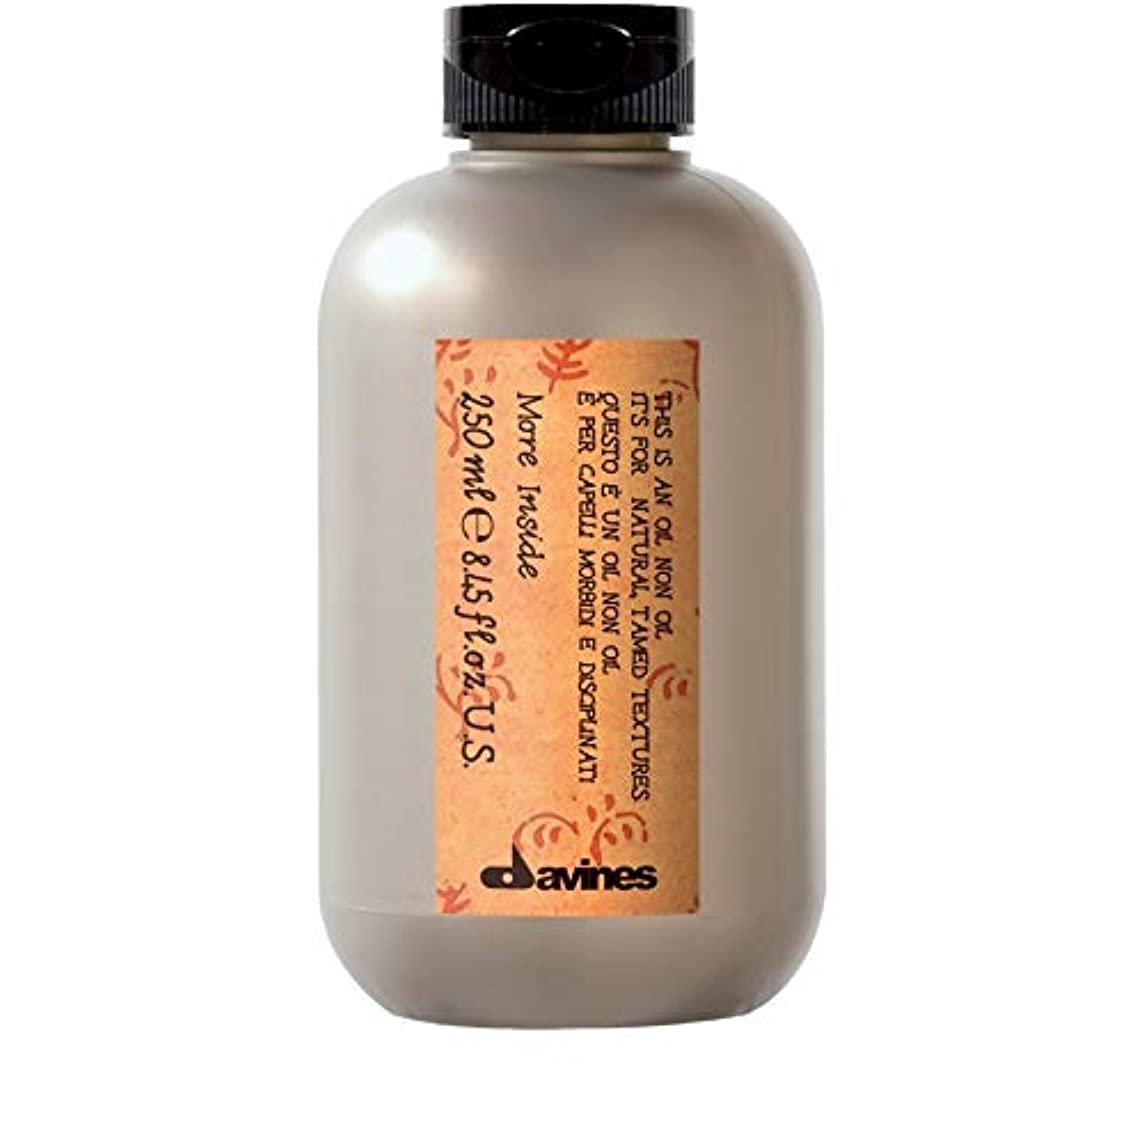 ルビーチーターディレクトリ[Davines ] ダヴィネスオイル以外のオイル250ミリリットル - Davines Oil Non Oil 250ml [並行輸入品]